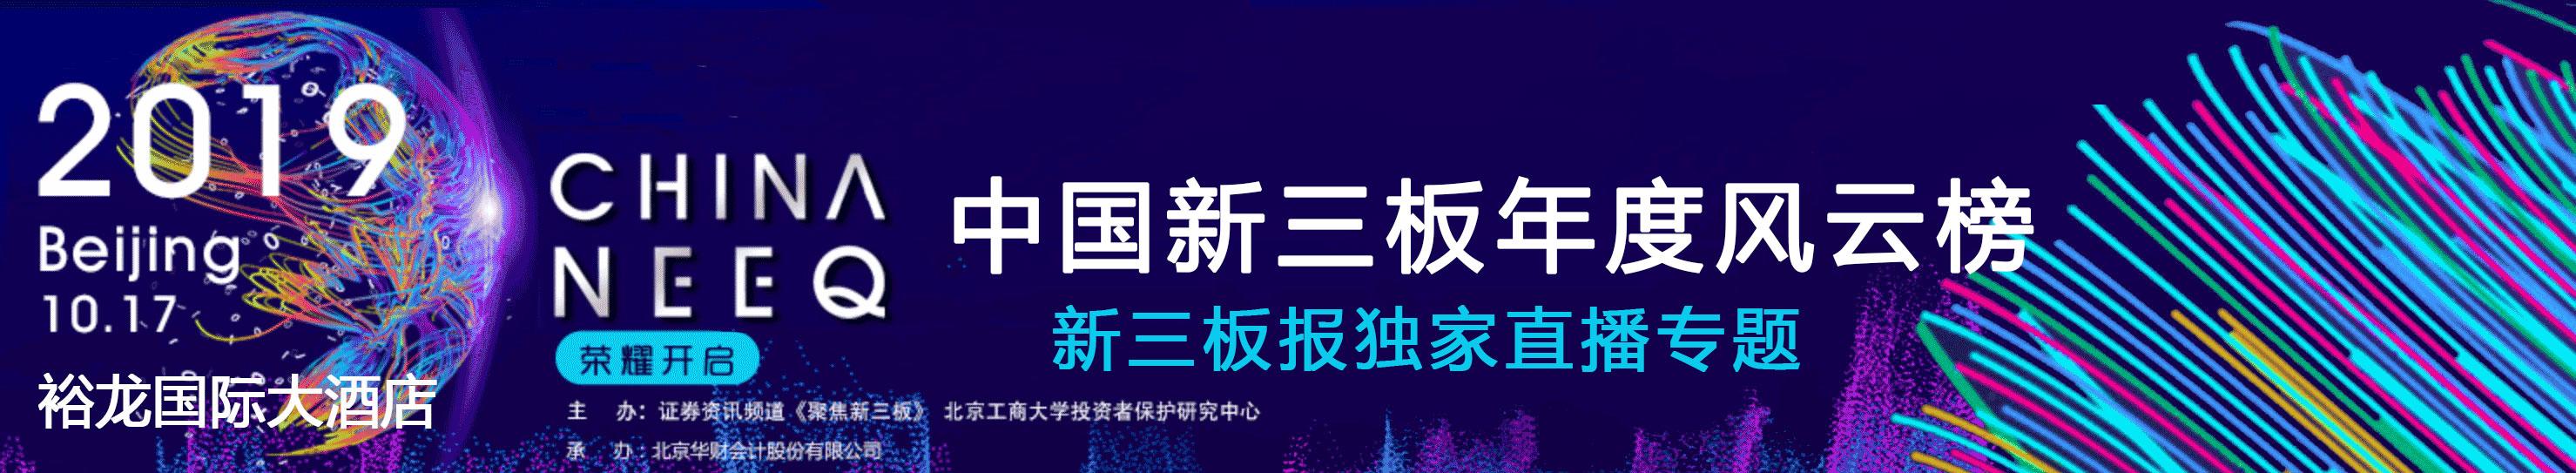 2019第三届中国新三板风云榜